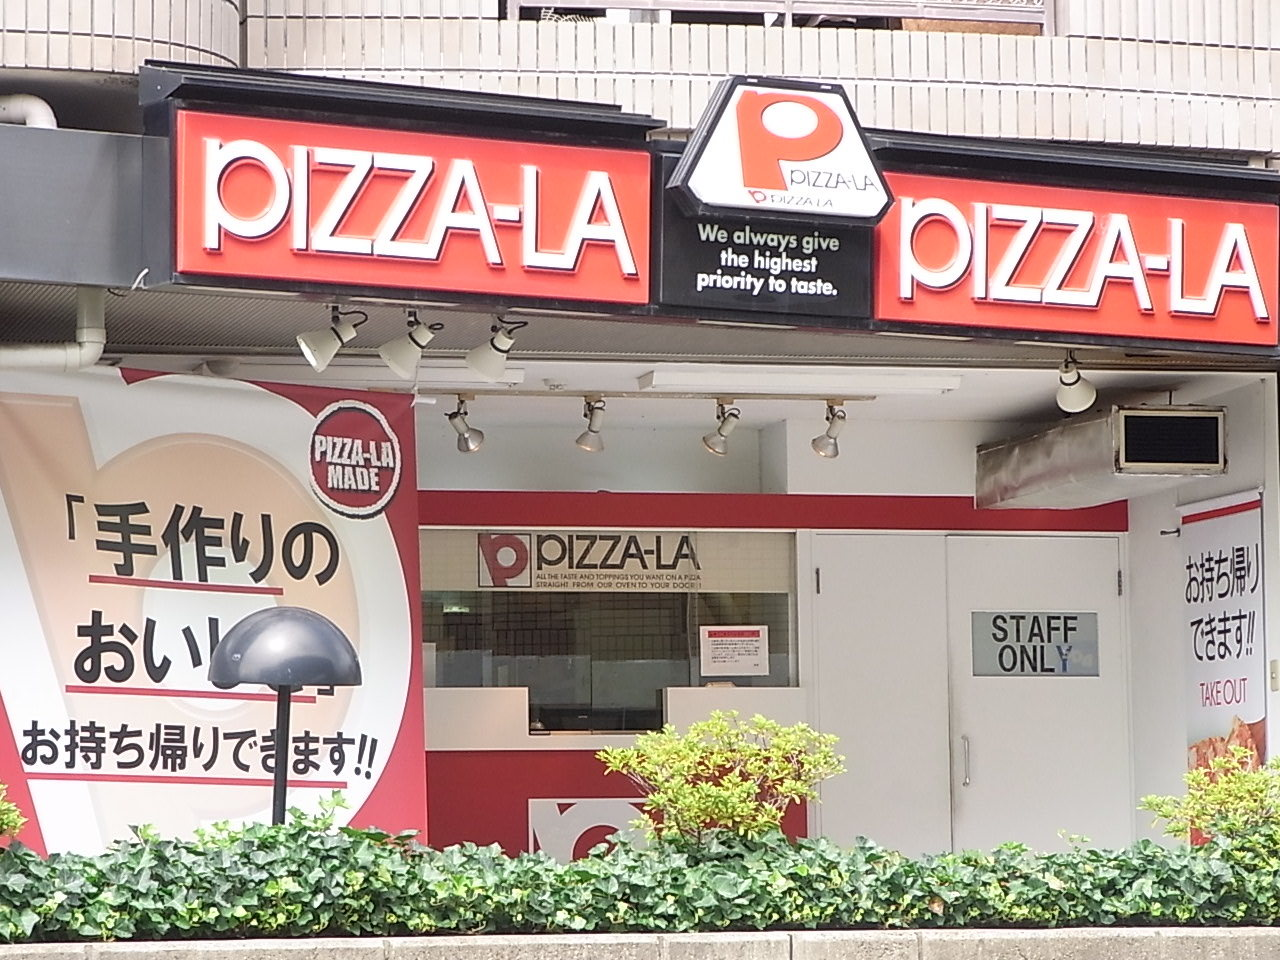 ピザーラ 高槻店